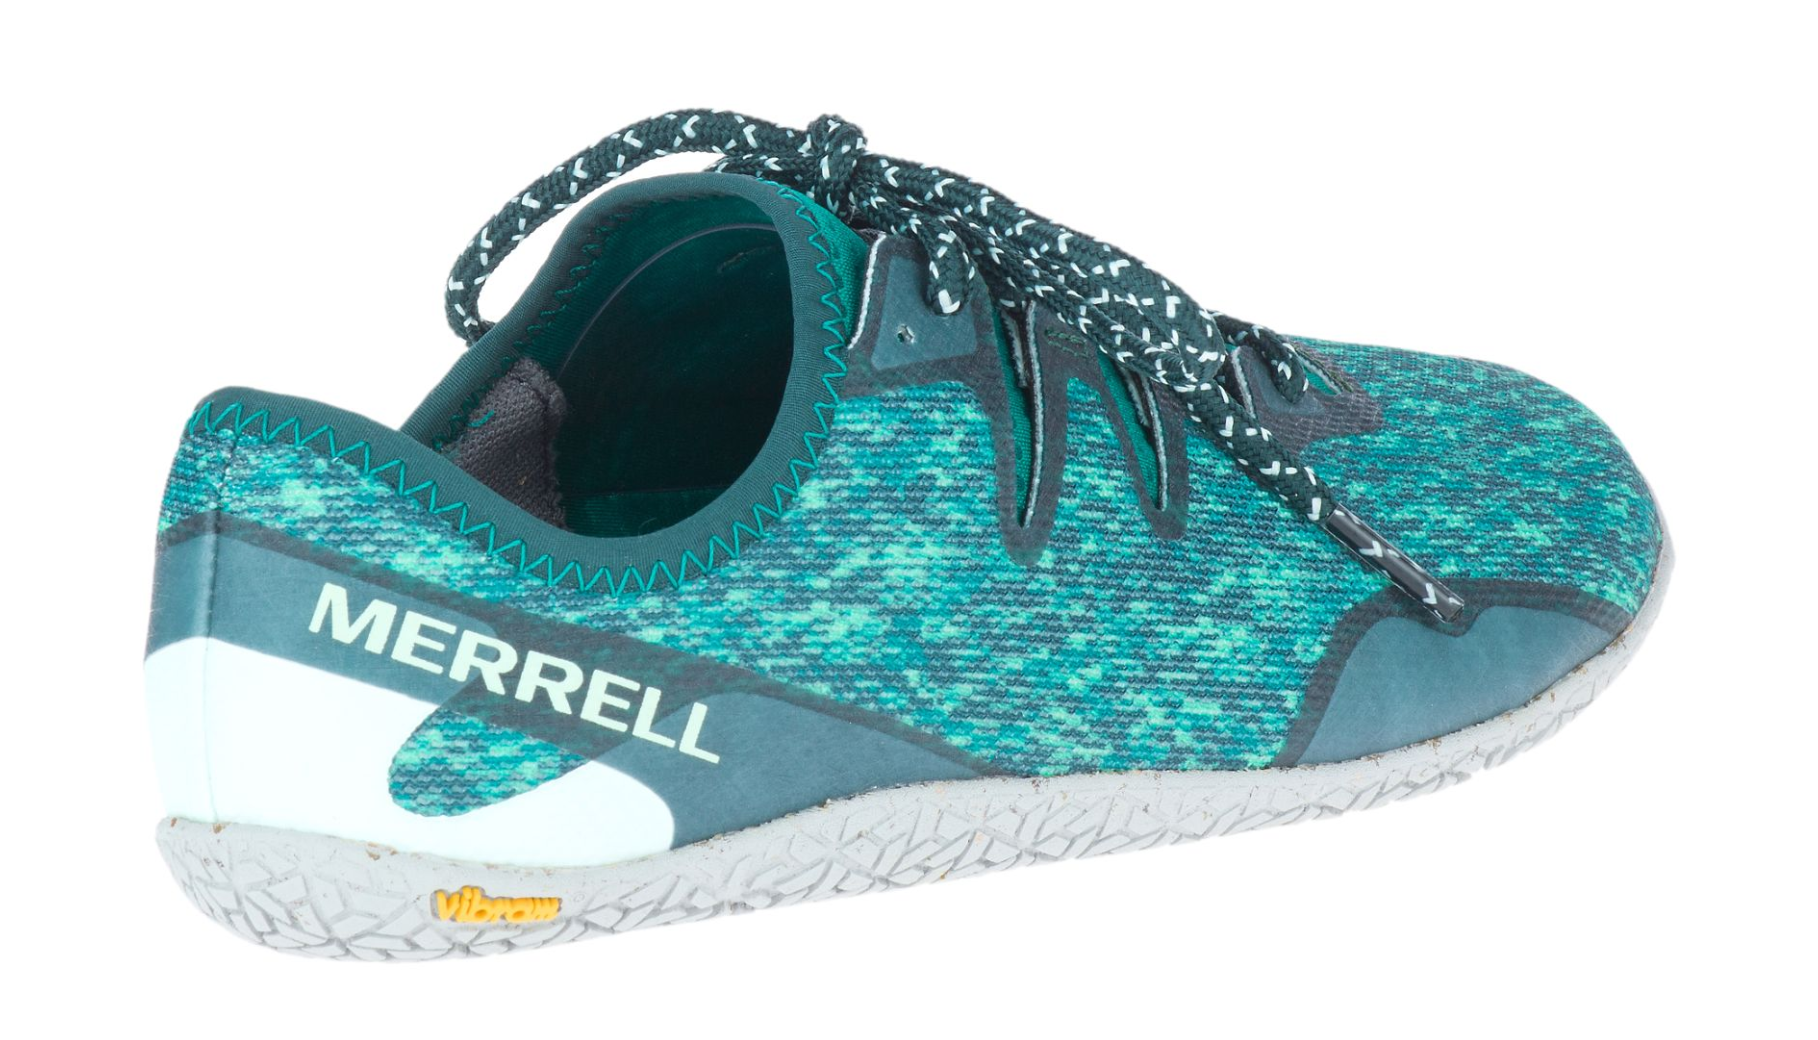 Merrell Vapor Glove 5